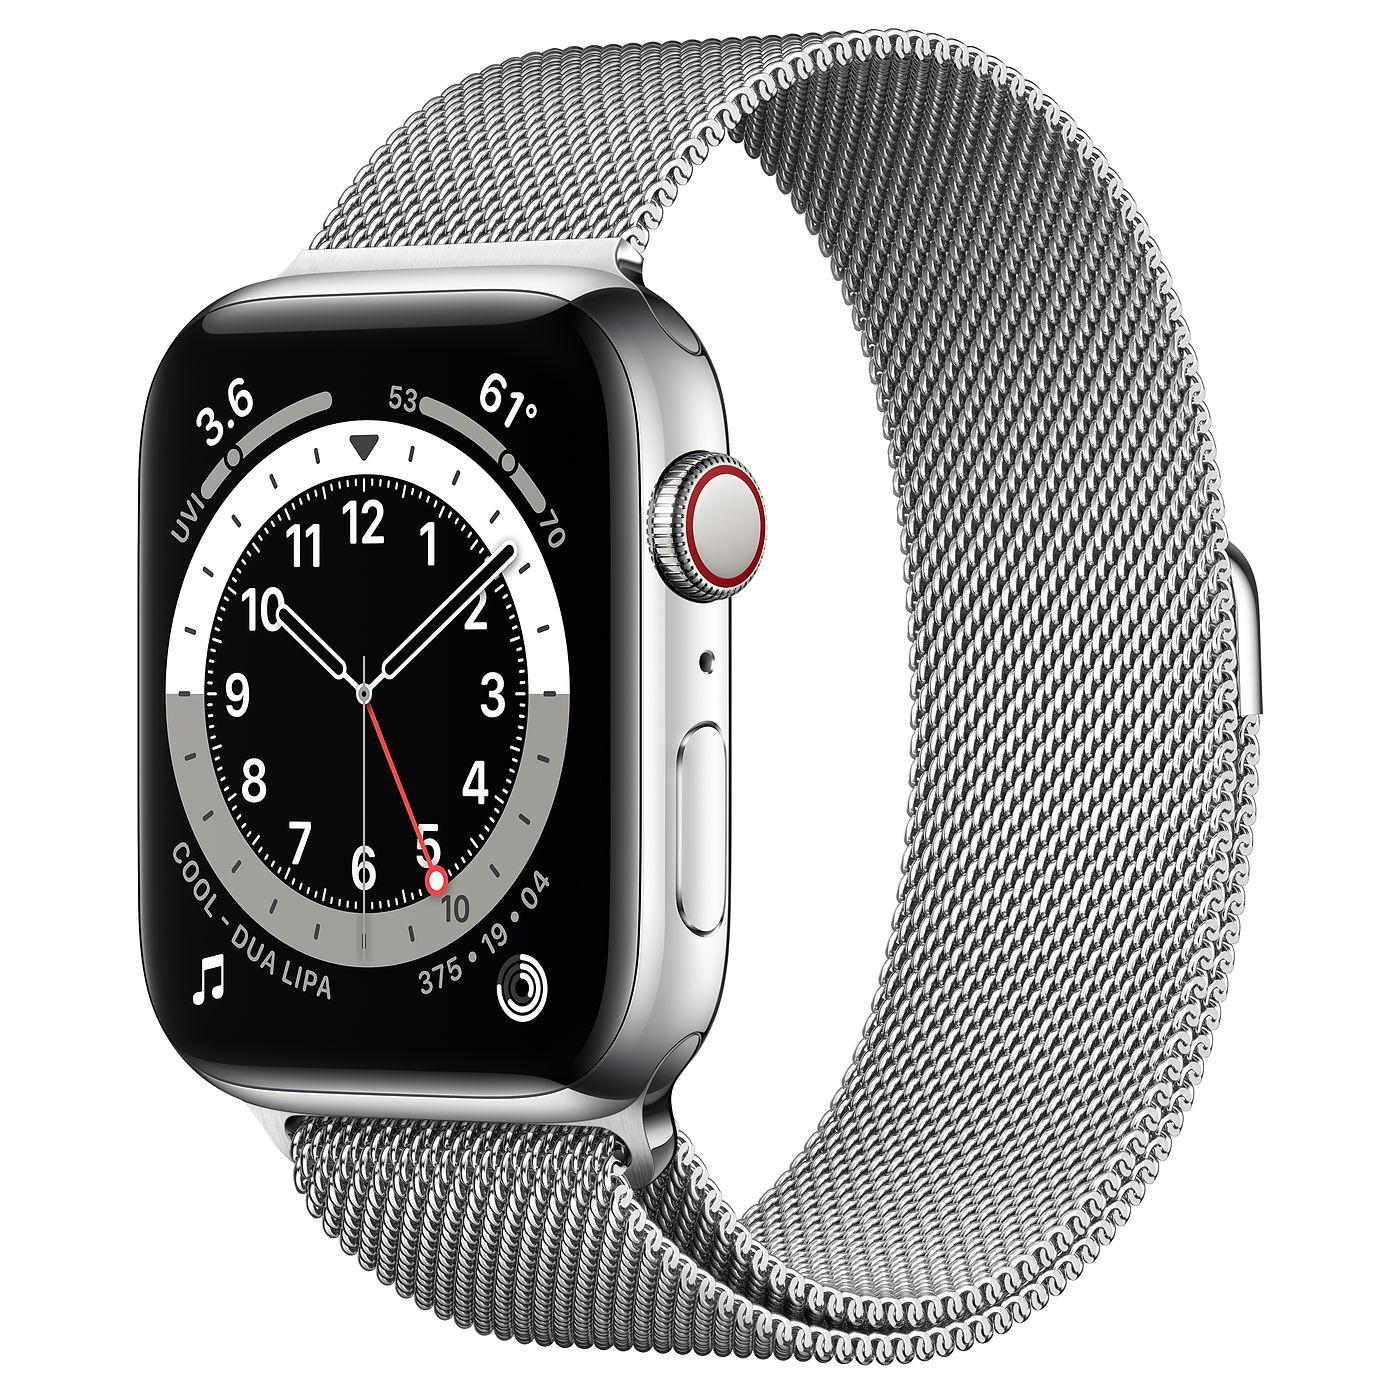 Apple 2020년 애플워치 6, GPS+Cellular, 실버 스테인리스 스틸 케이스, 실버 밀레니즈 루프